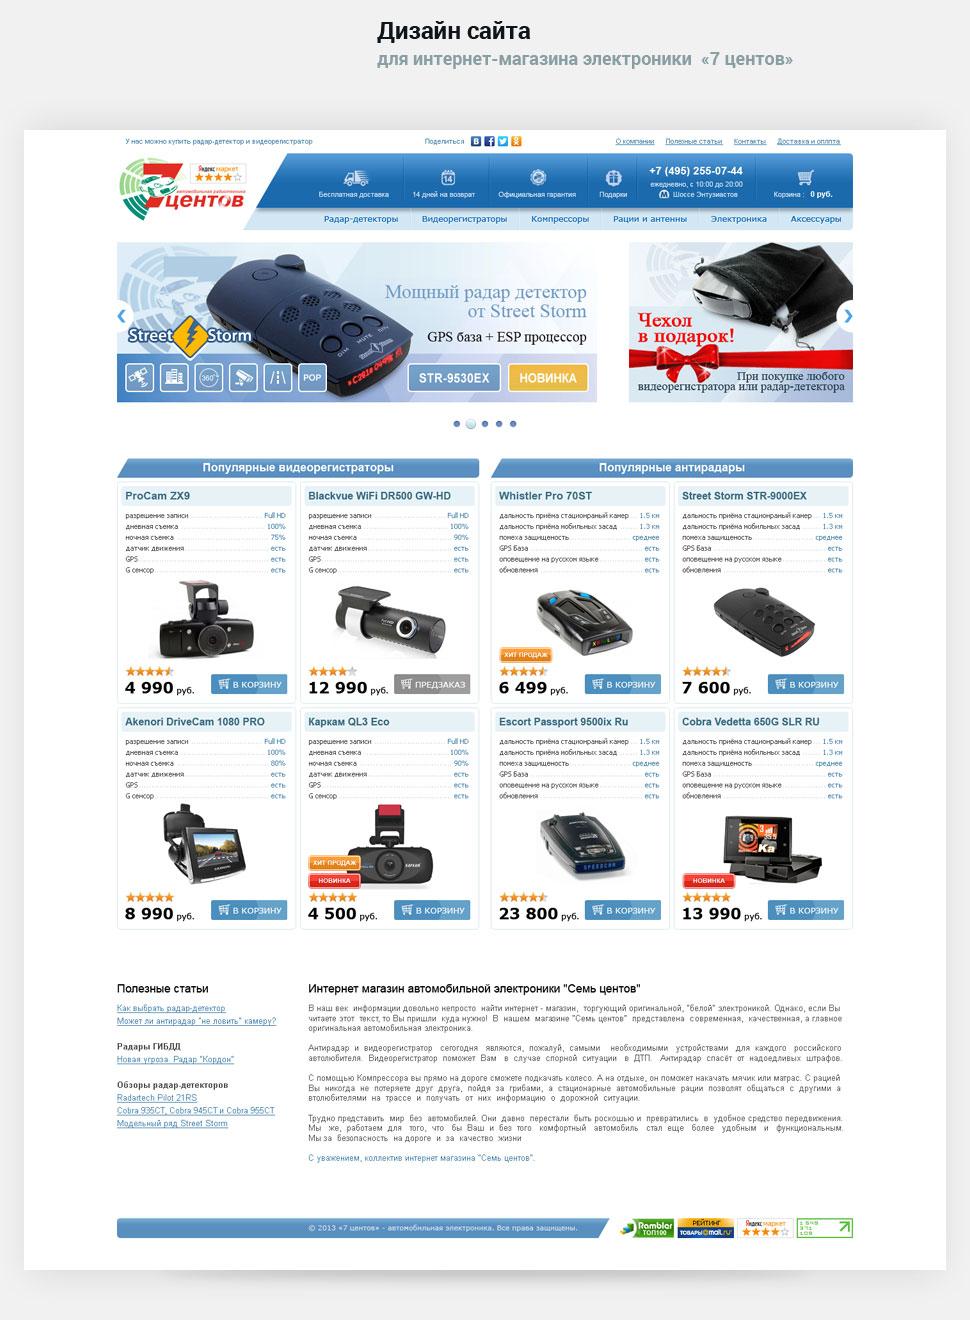 Дизайн сайта: Интернет-магазин «7 центов». Автор: di56.ru - дизайнер Дмитрий Ковалёв.